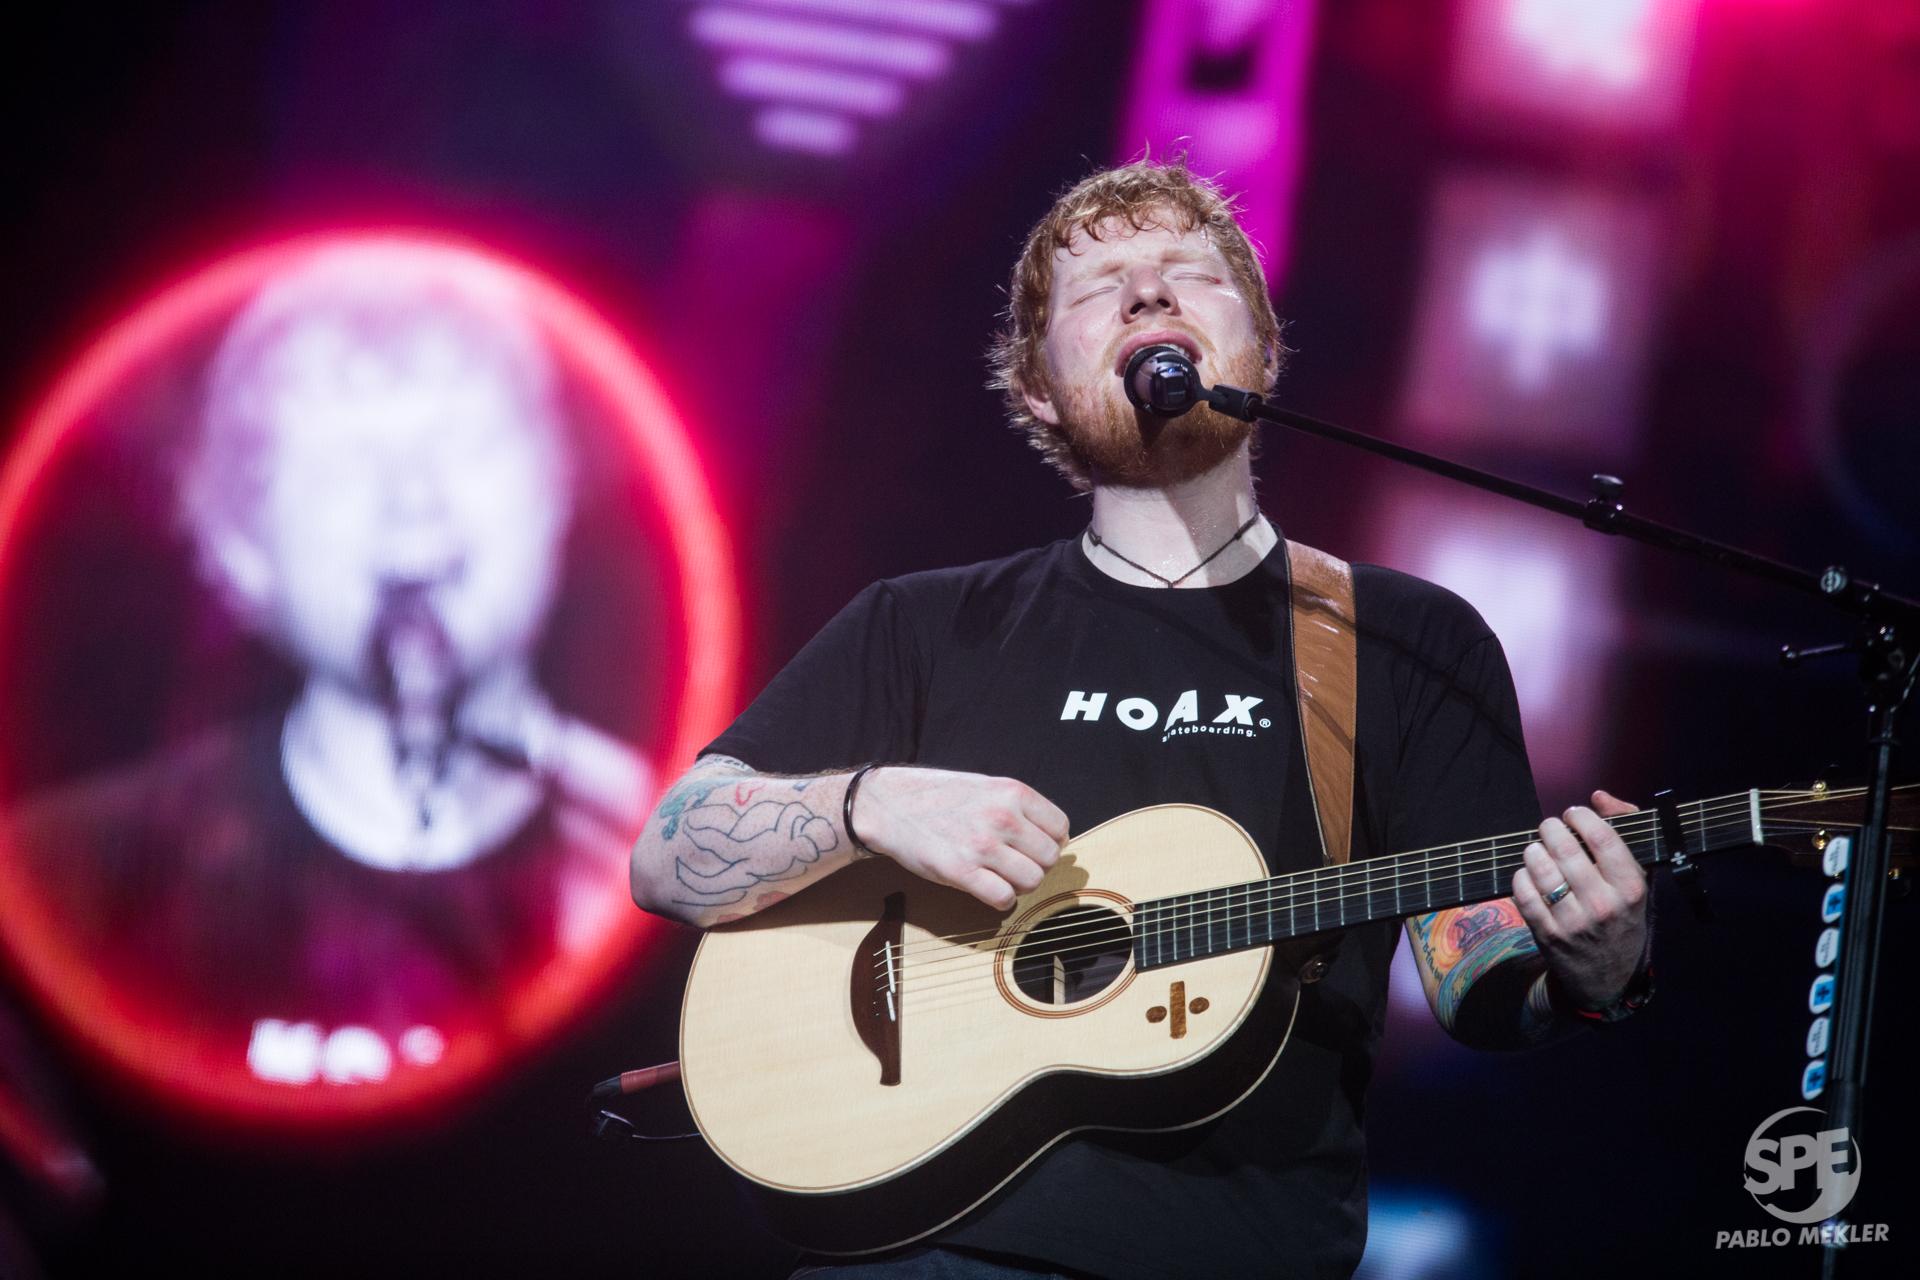 _MEK4909 - Ed Sheeran - © Pablo Mekler 2019 - b.jpg